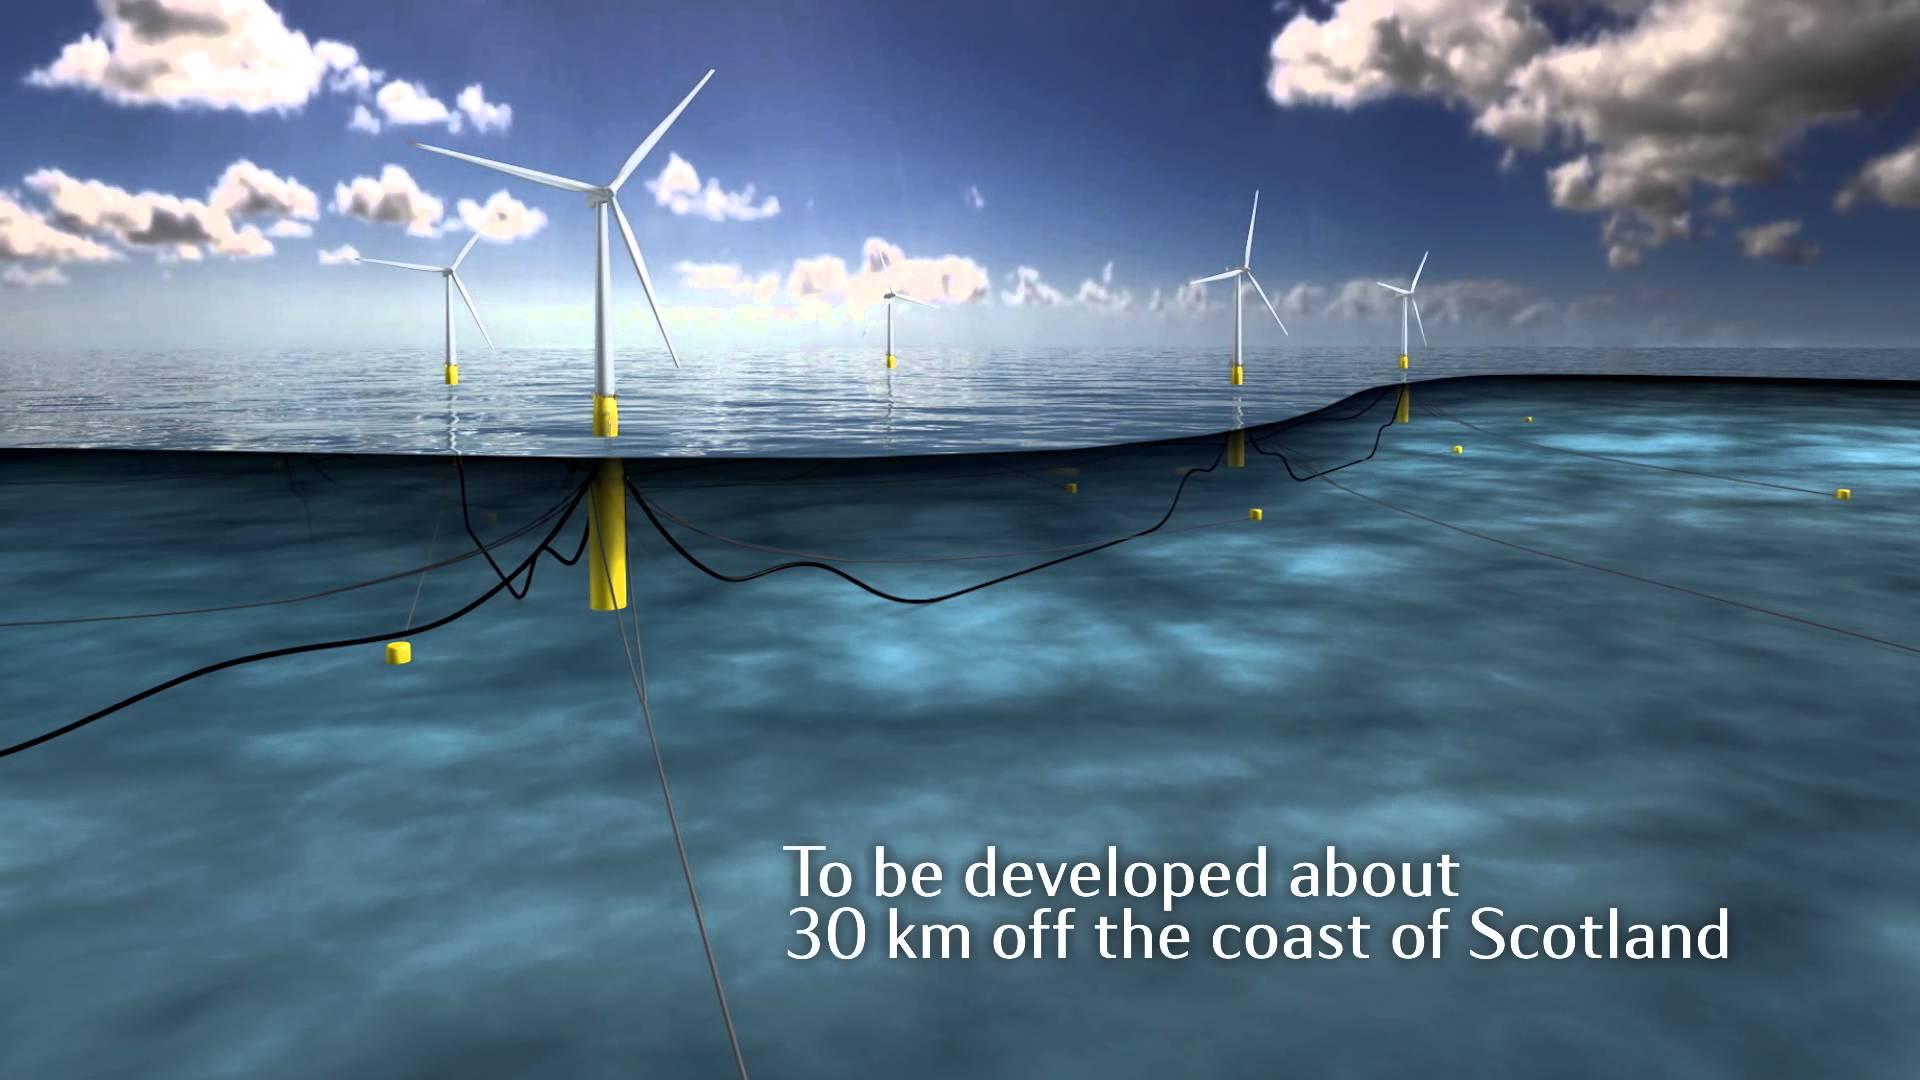 Запущены первые в мире плавучие морские ветряные турбины